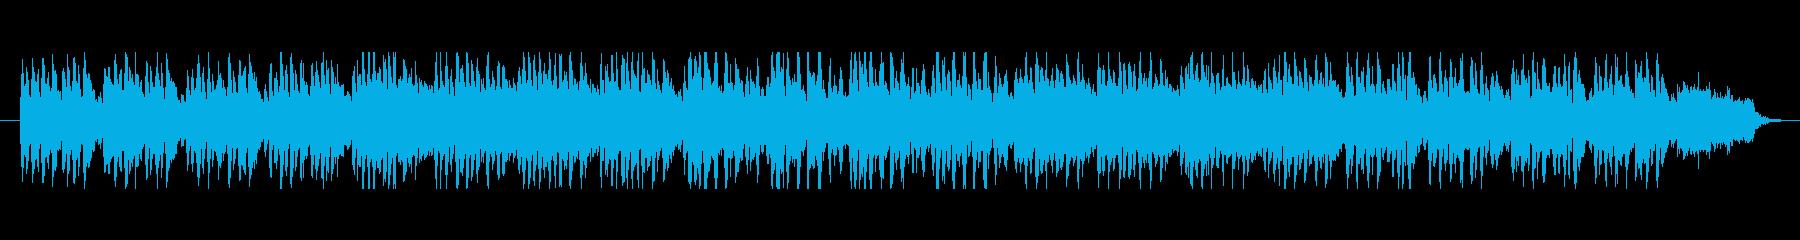 中國の雰囲気を感じる明るく落ち着いた楽曲の再生済みの波形